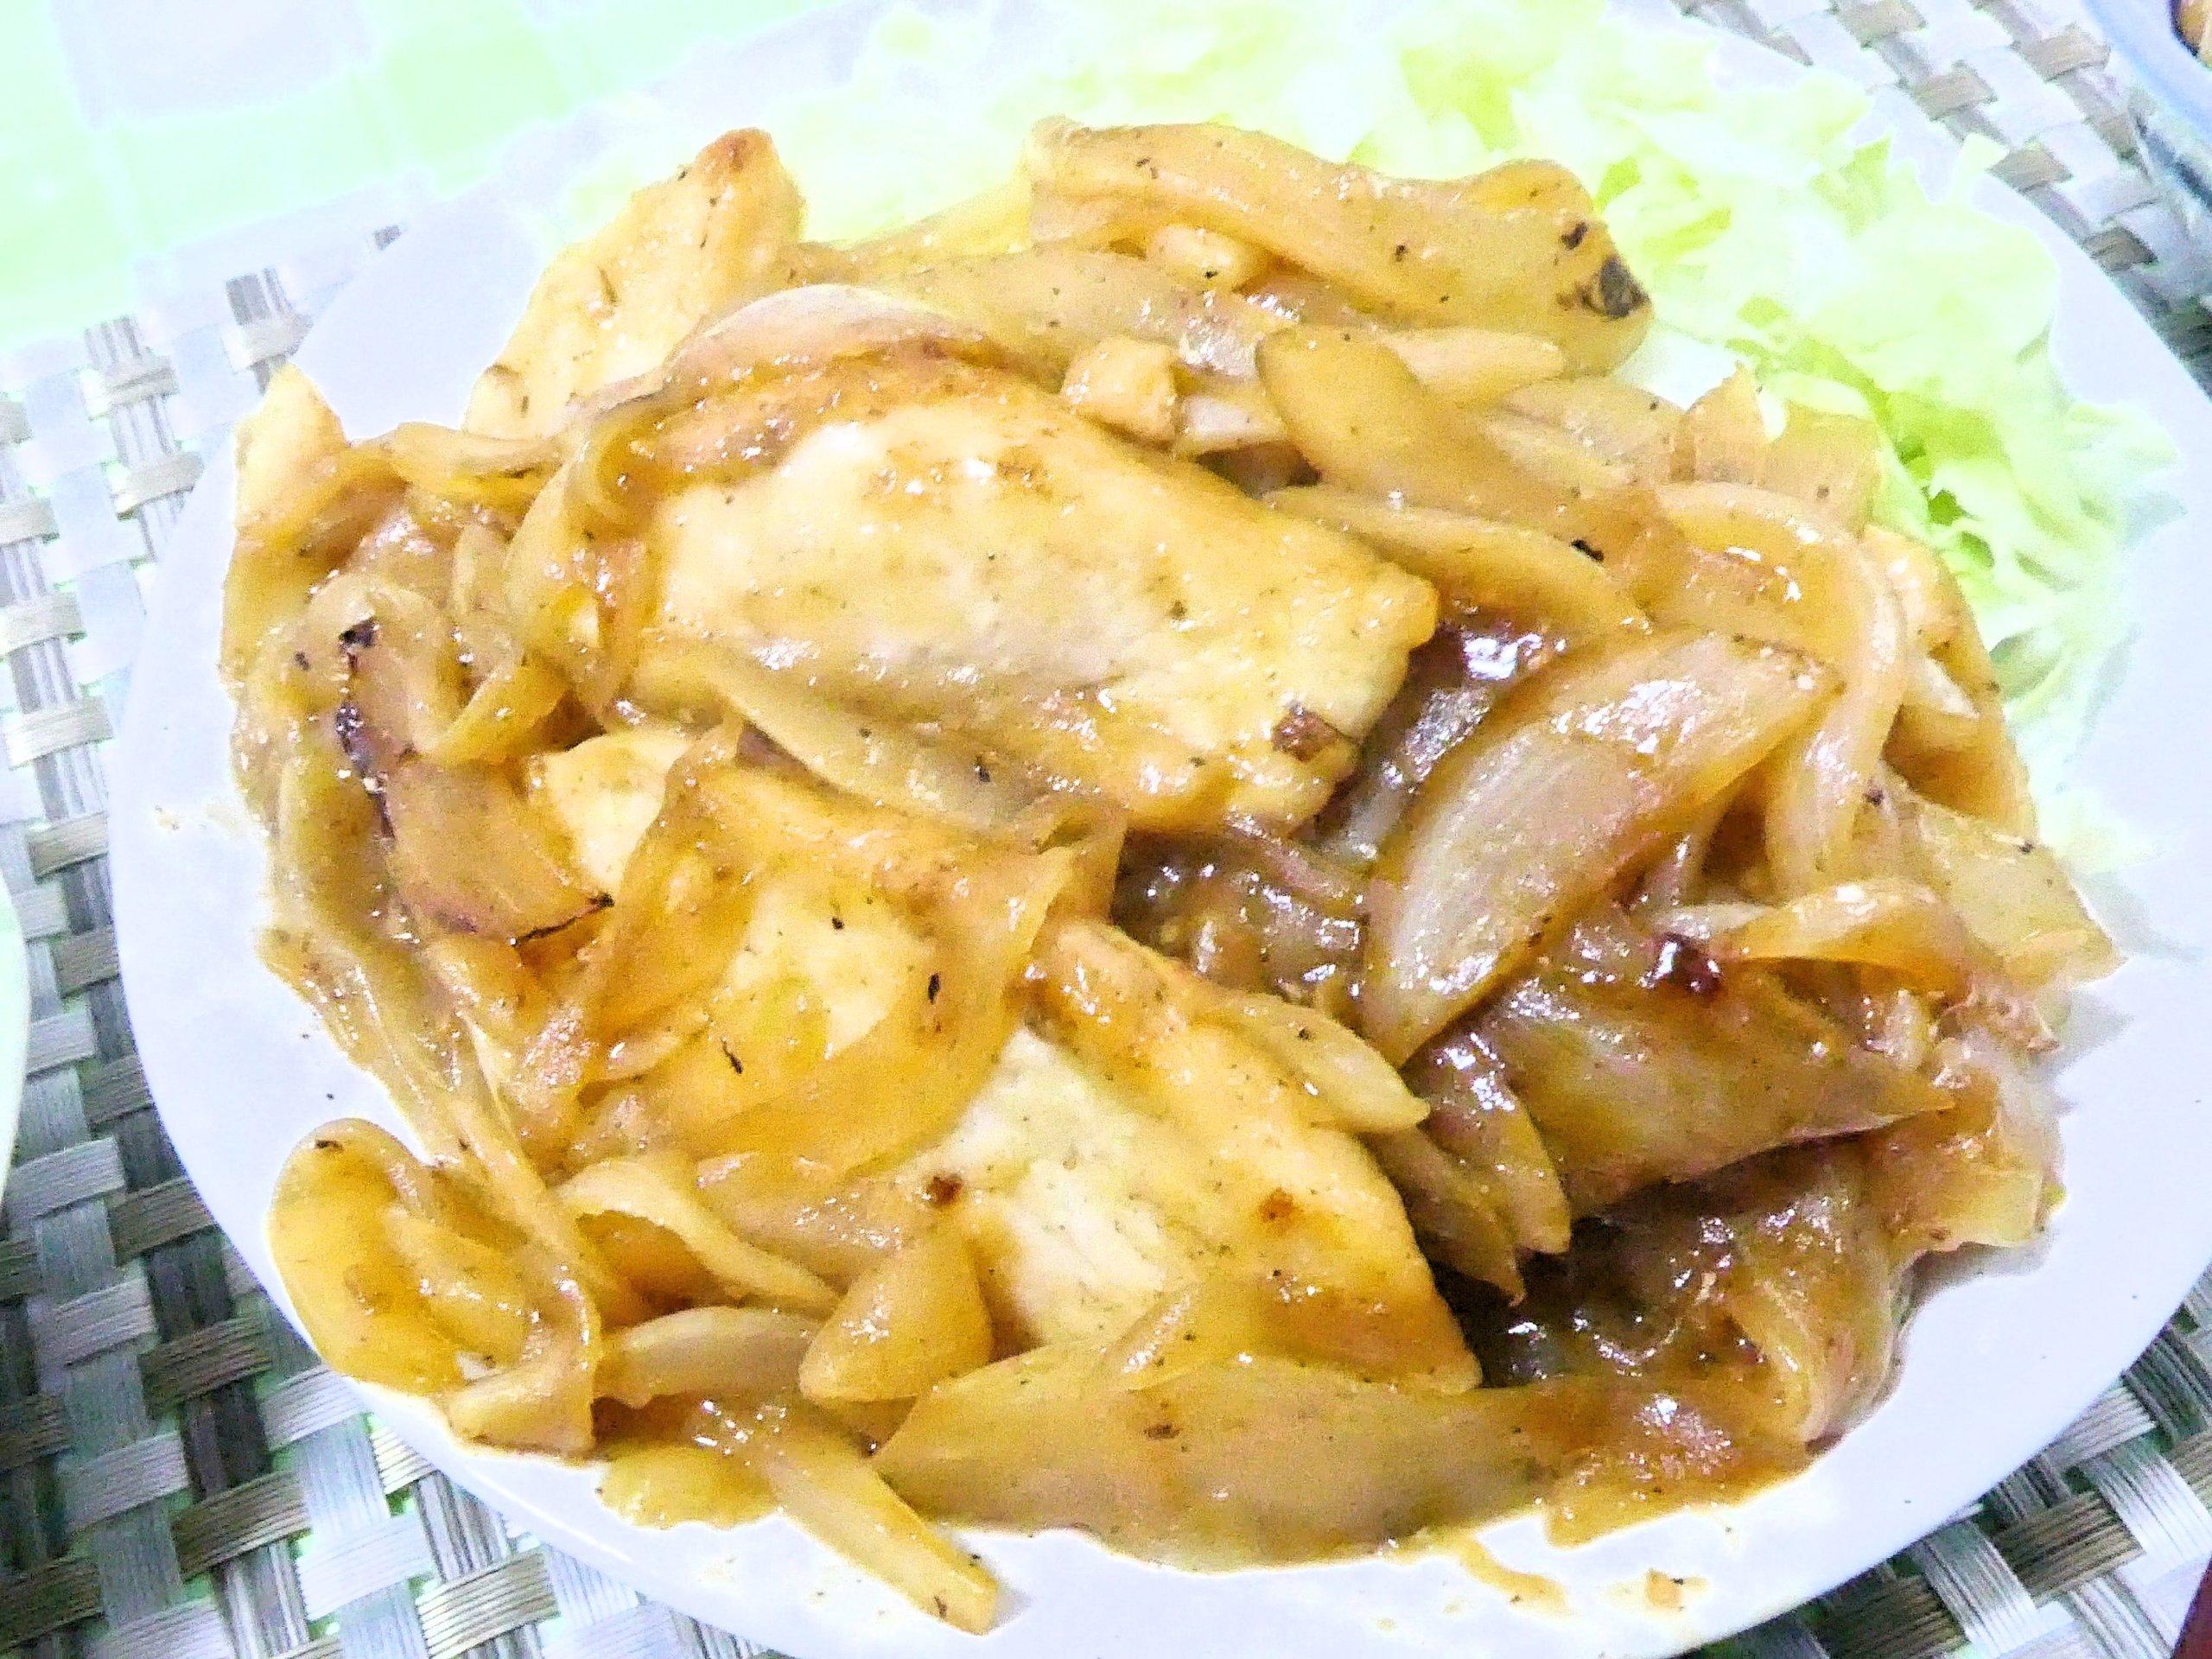 鶏胸肉と玉ねぎの生姜焼き